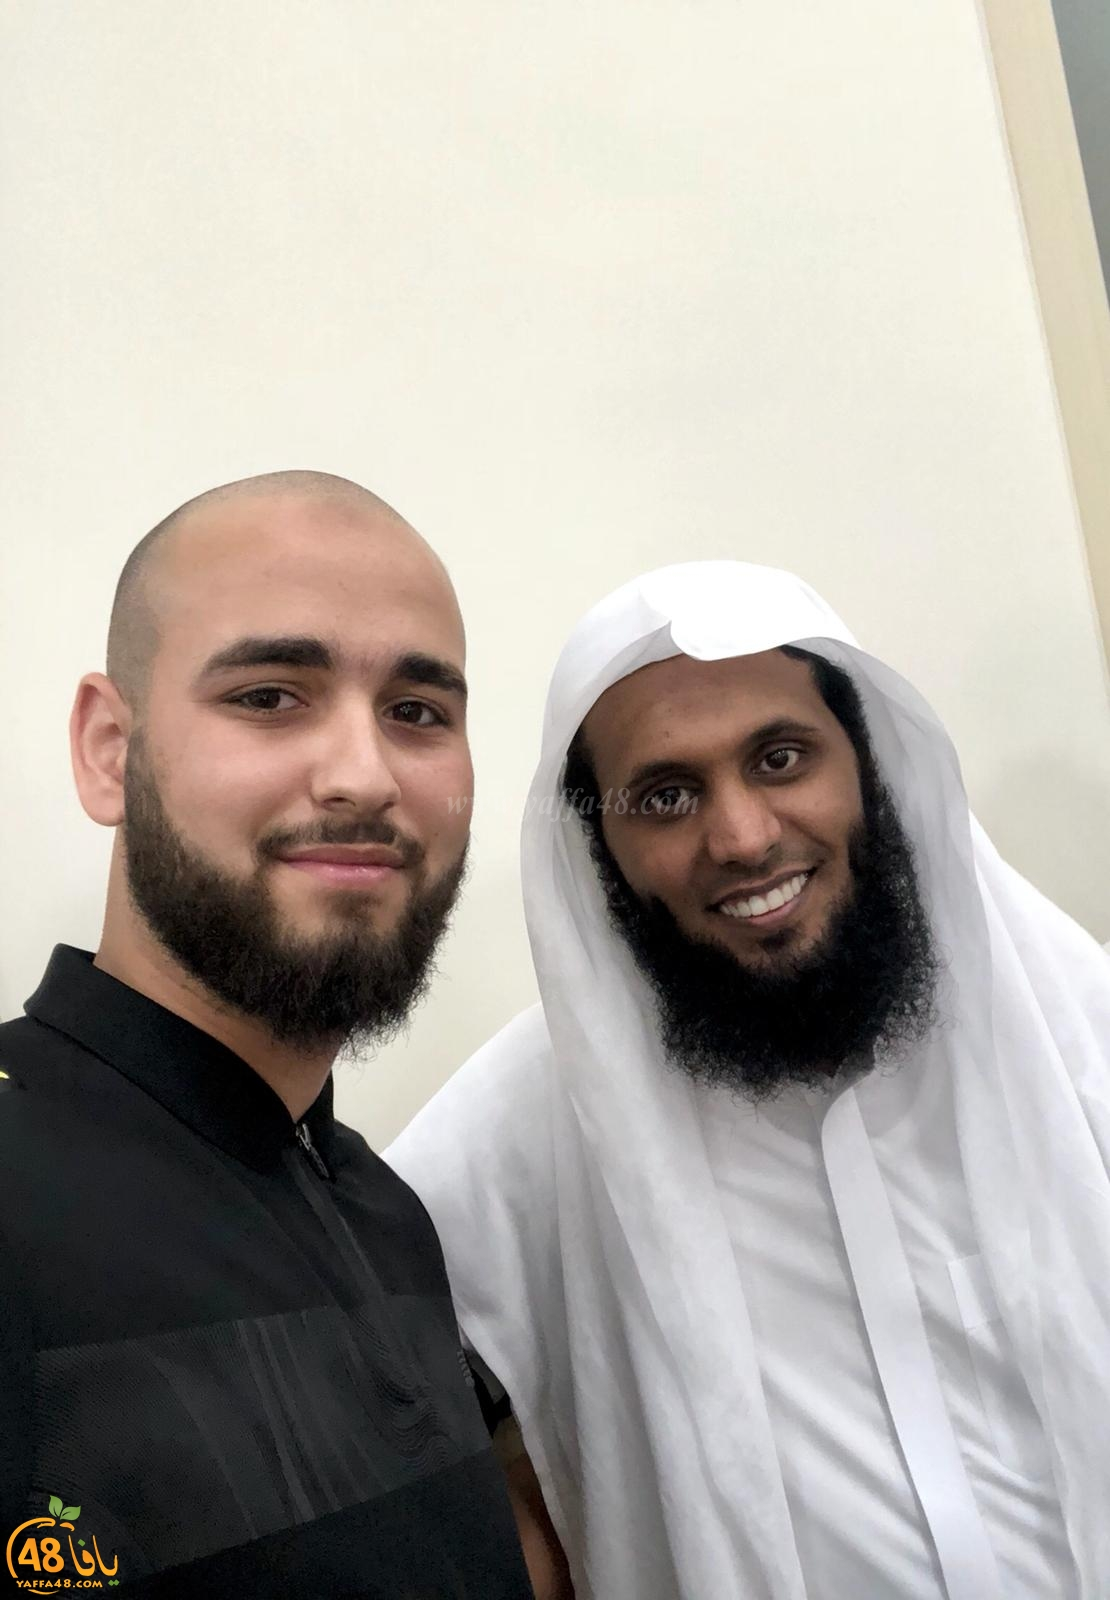 فيديو: الشاب اليافاوي عبد الفتاح زبدة يُنشد مع الشيخ منصور السالمي